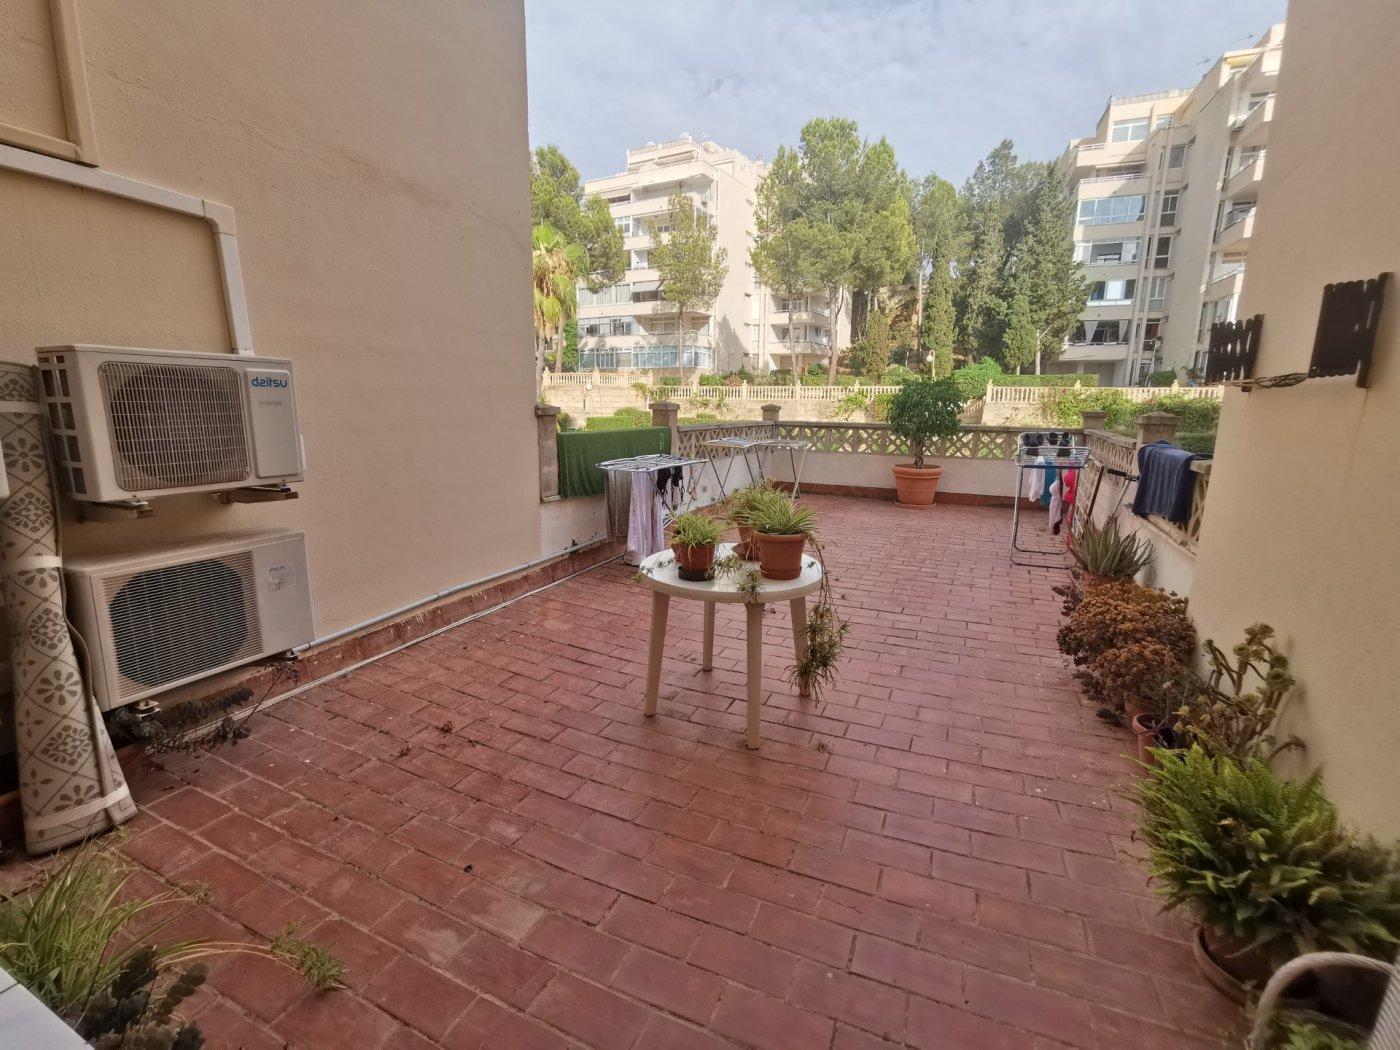 Se vende piso de dos dormitorios con piscina y parking comunitaria - imagenInmueble15